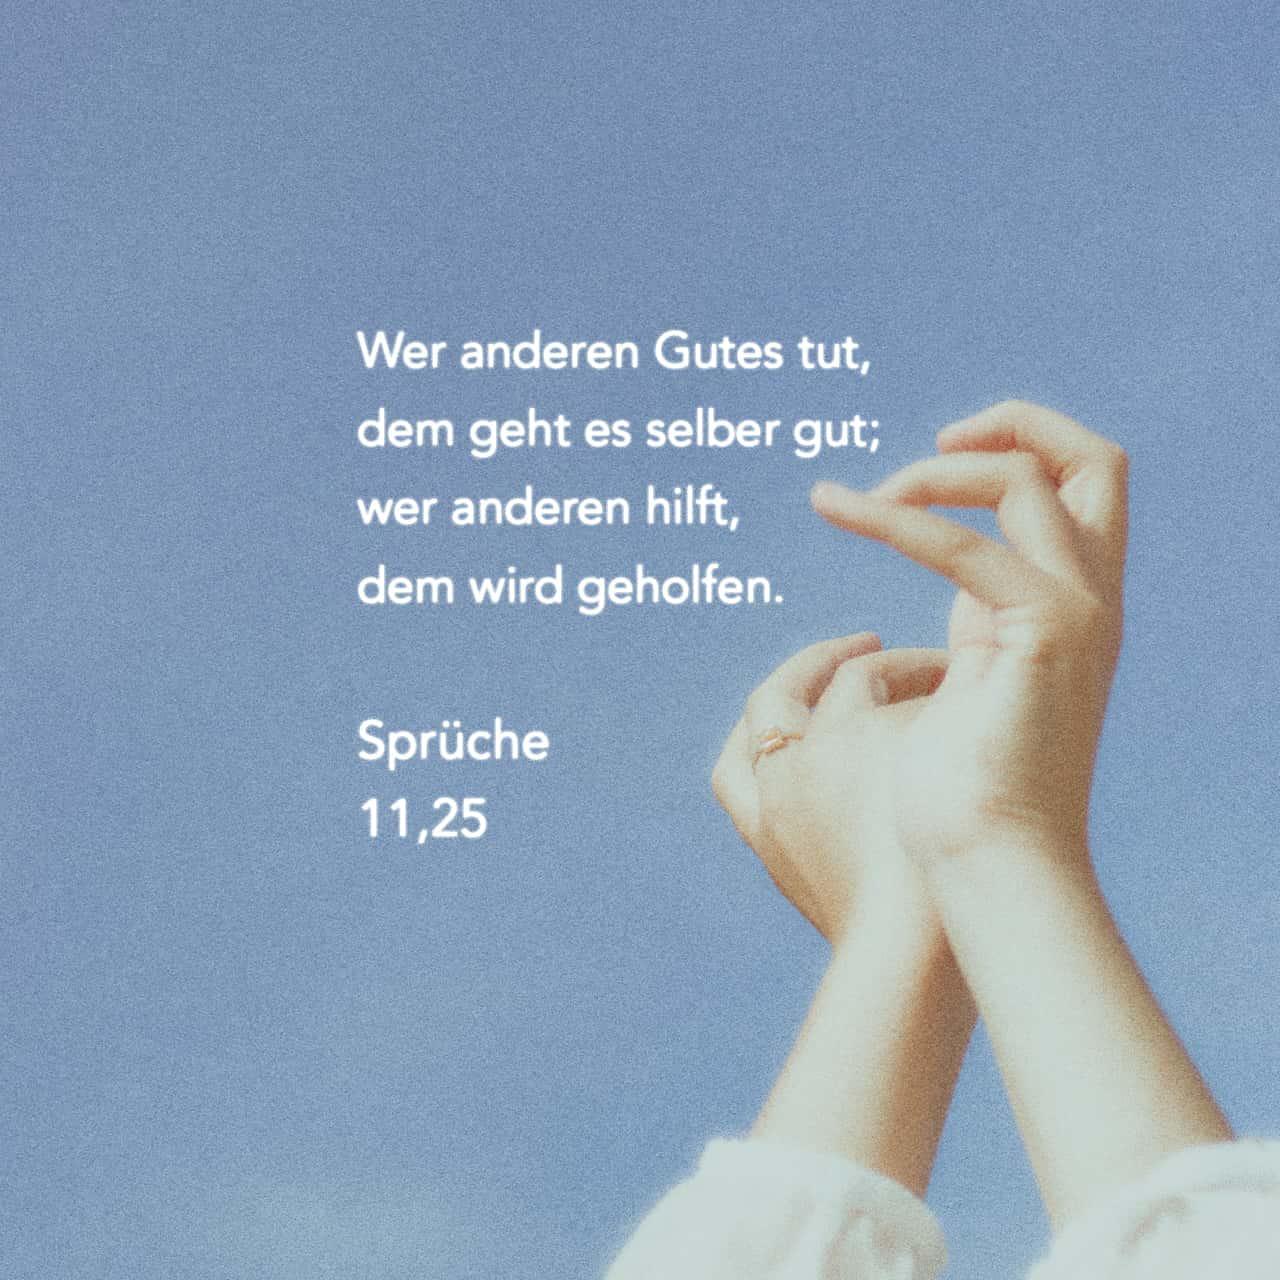 Spruche 11 25 Wer Anderen Gutes Tut Dem Geht Es Selber Gut Wer Anderen Hilft Dem Wird Geholfen Hoffnung Fur Alle Hfa Lade Die Bibel App Jetzt Herunter